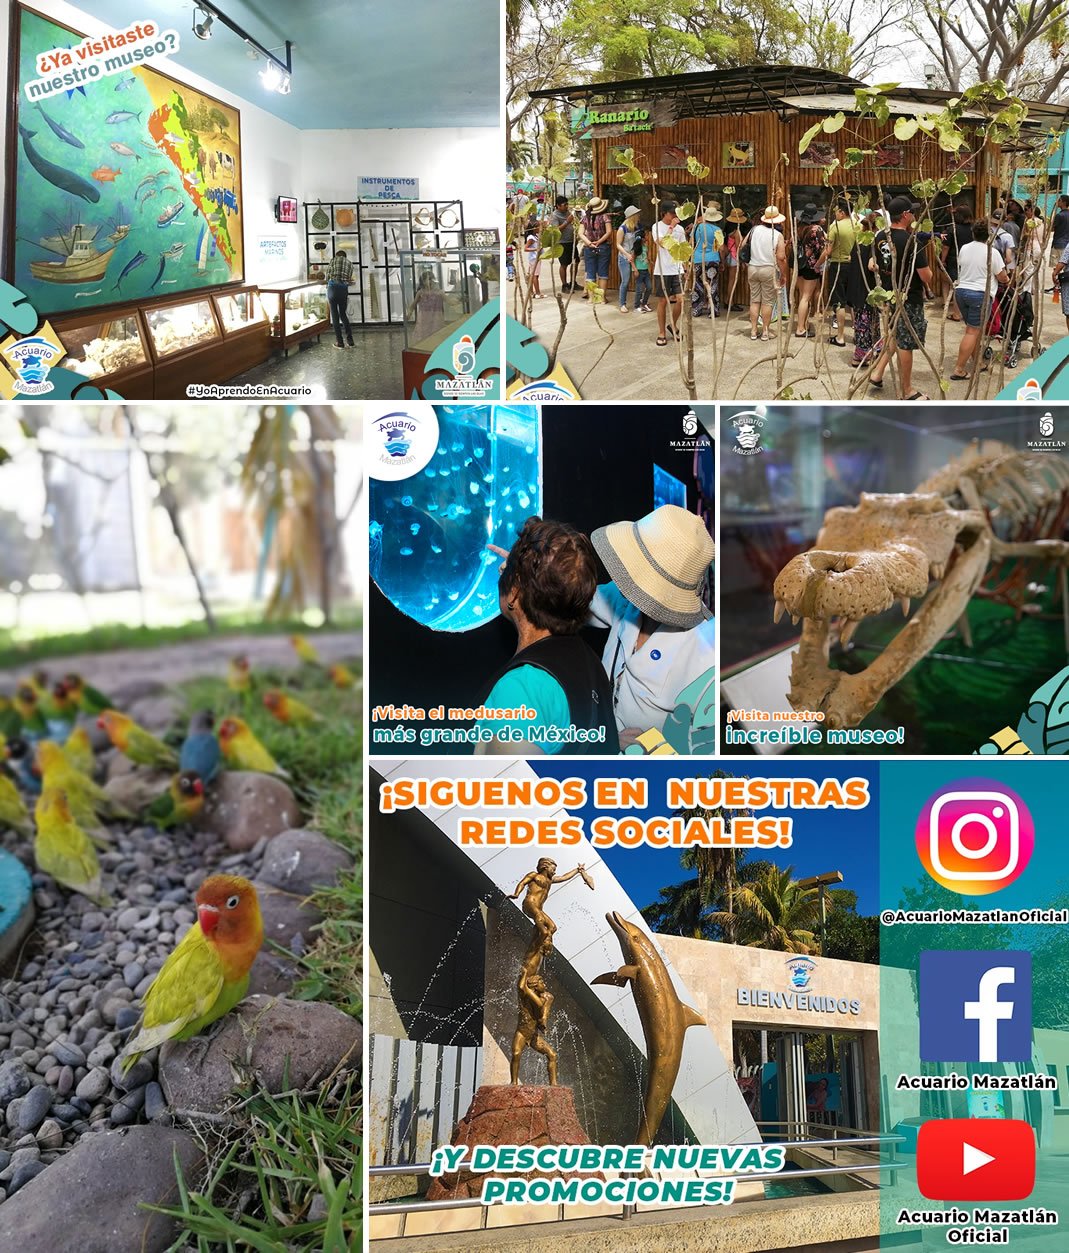 Acuario Mazatlan Verano 2019